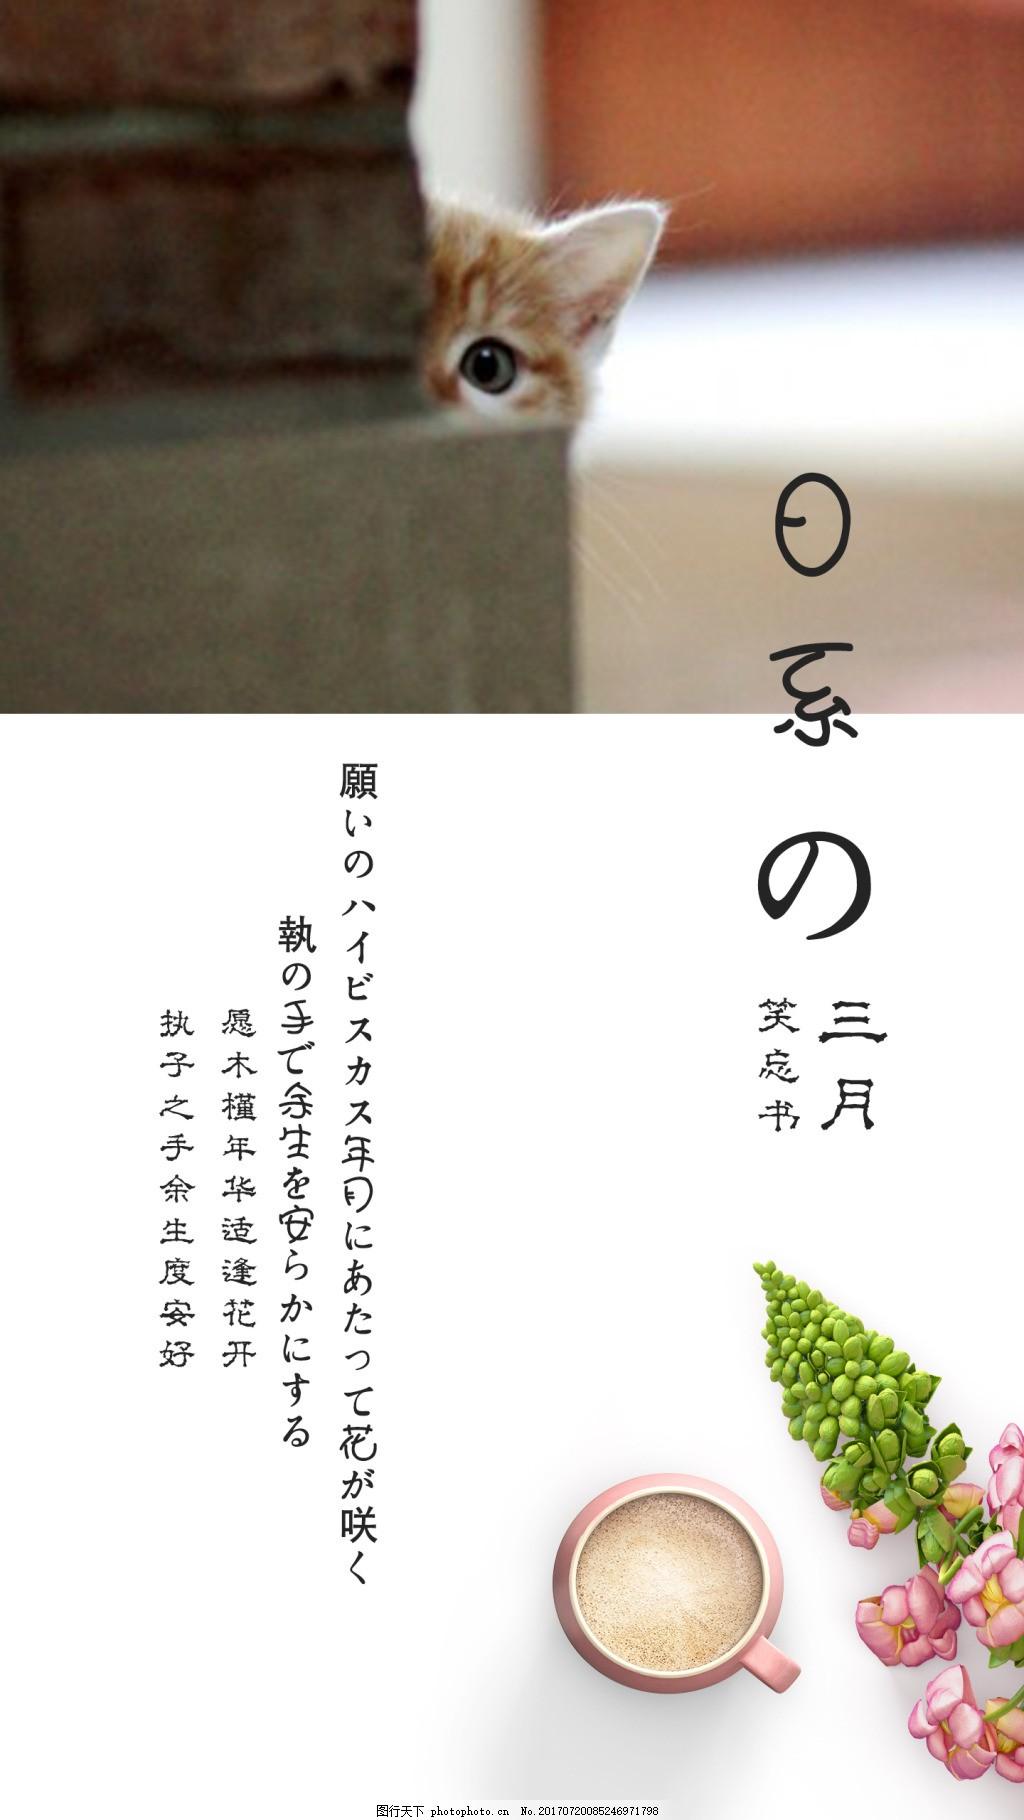 三月清新海报图片